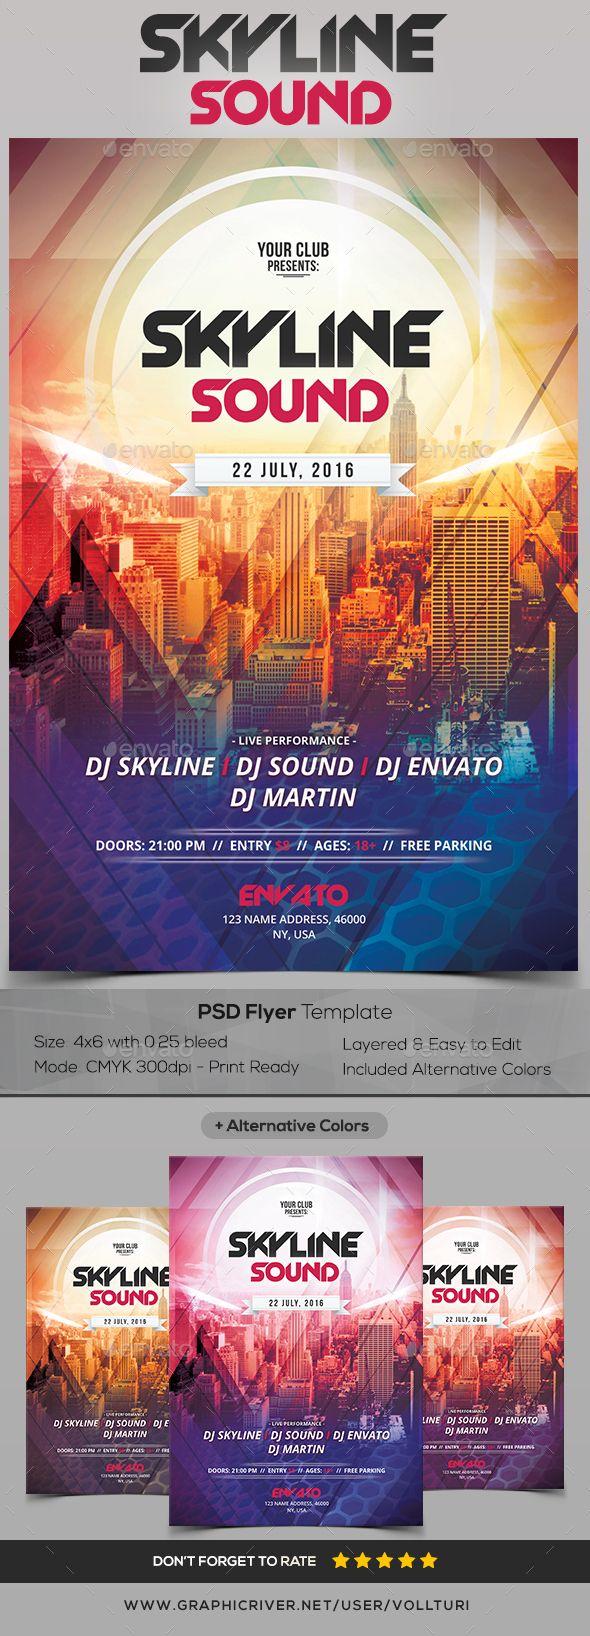 Skyline Sound - PSD Flyer Template